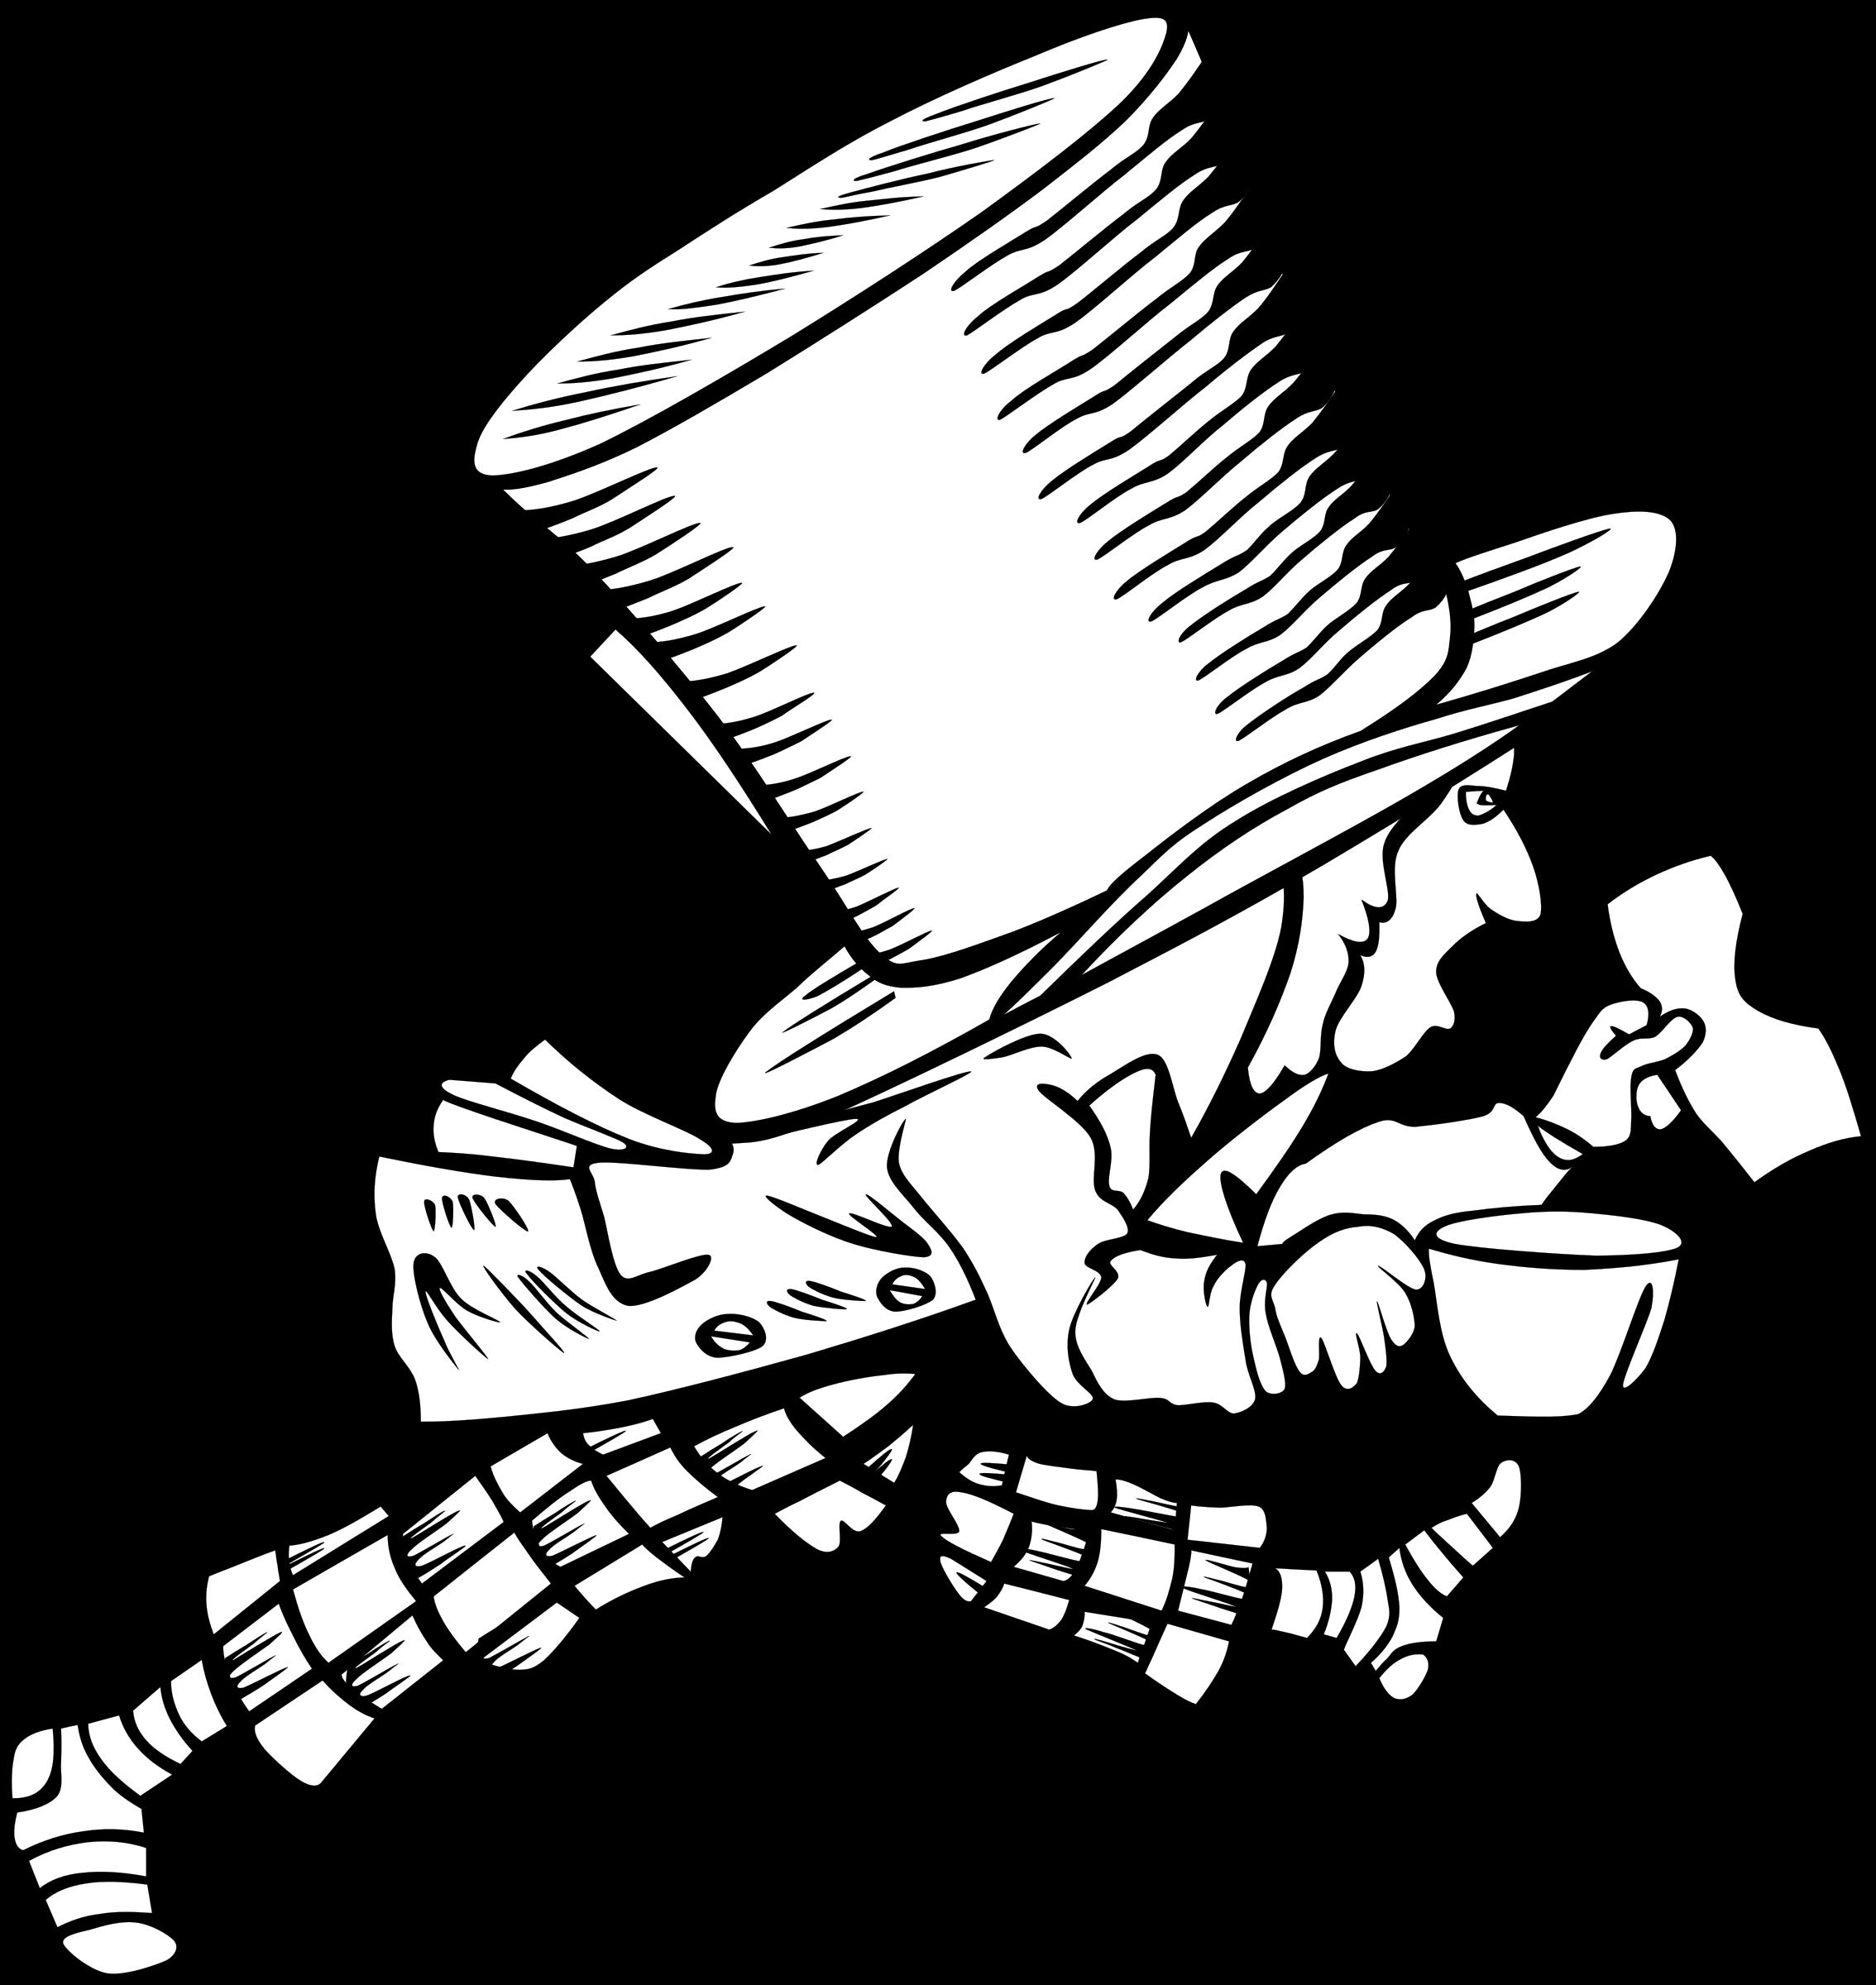 Alice in wonderland book clipart banner transparent Clipart - Mad Hatter banner transparent